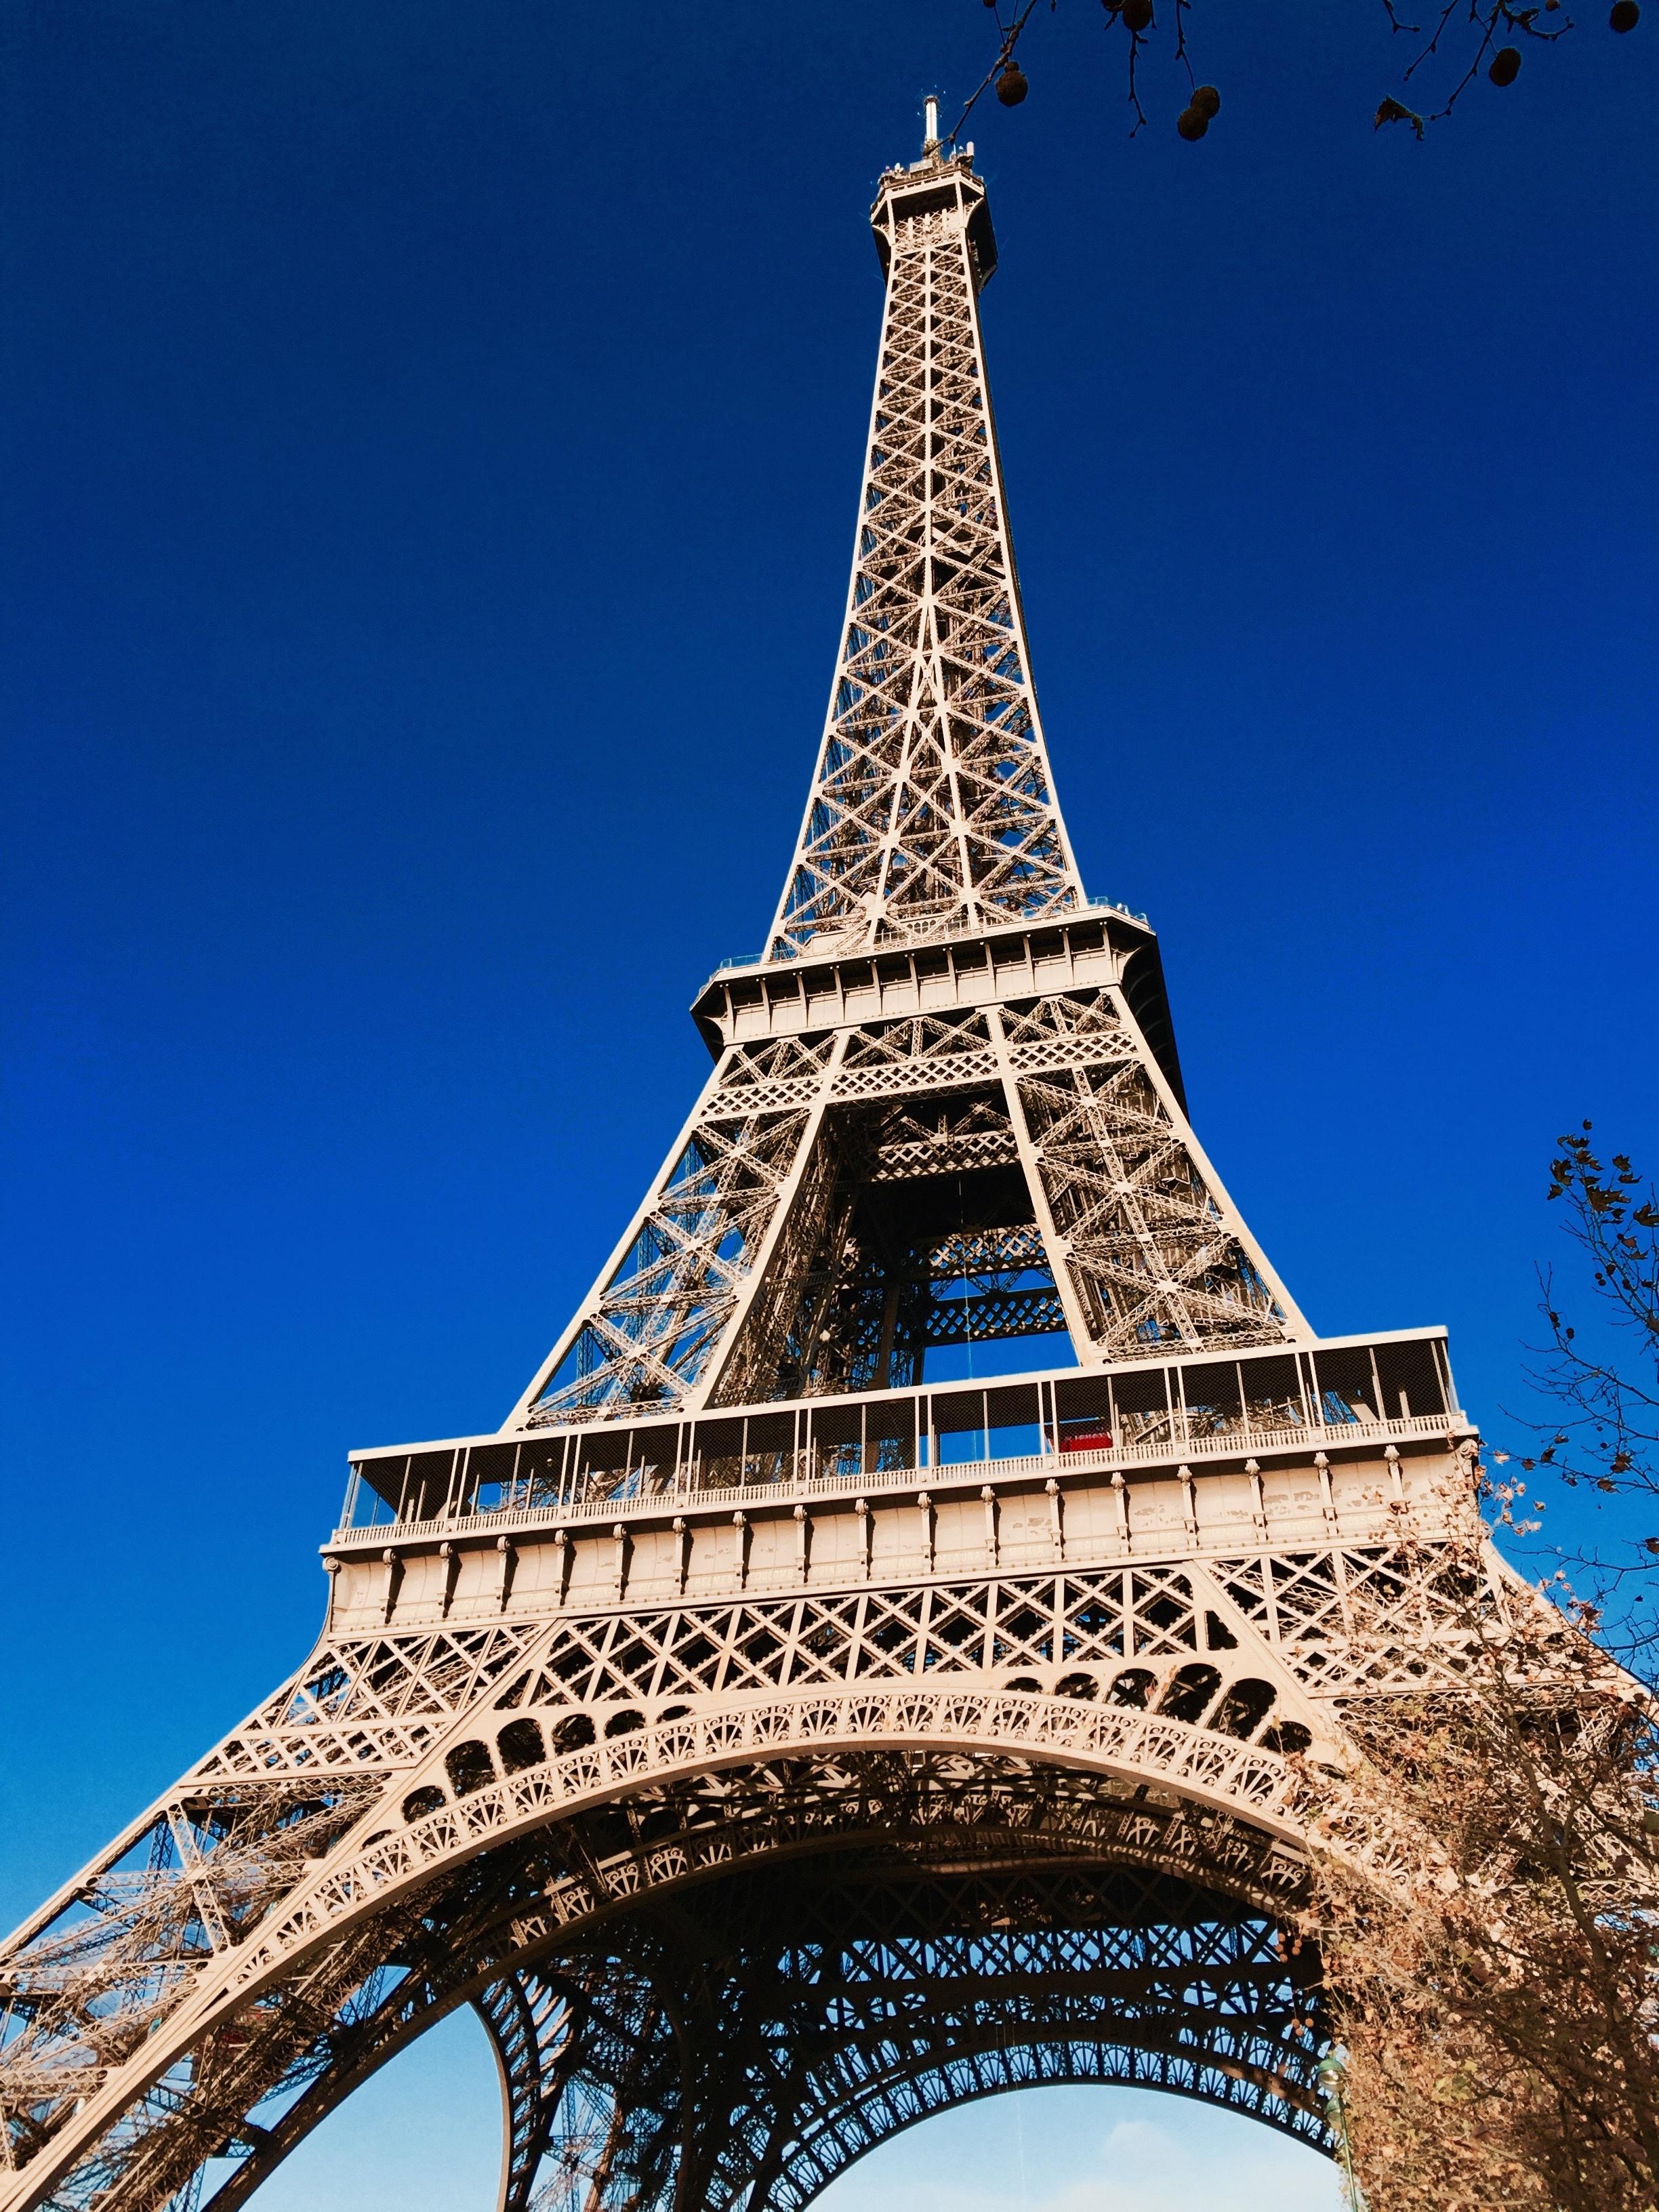 Смотреть картинки эльфивую башню